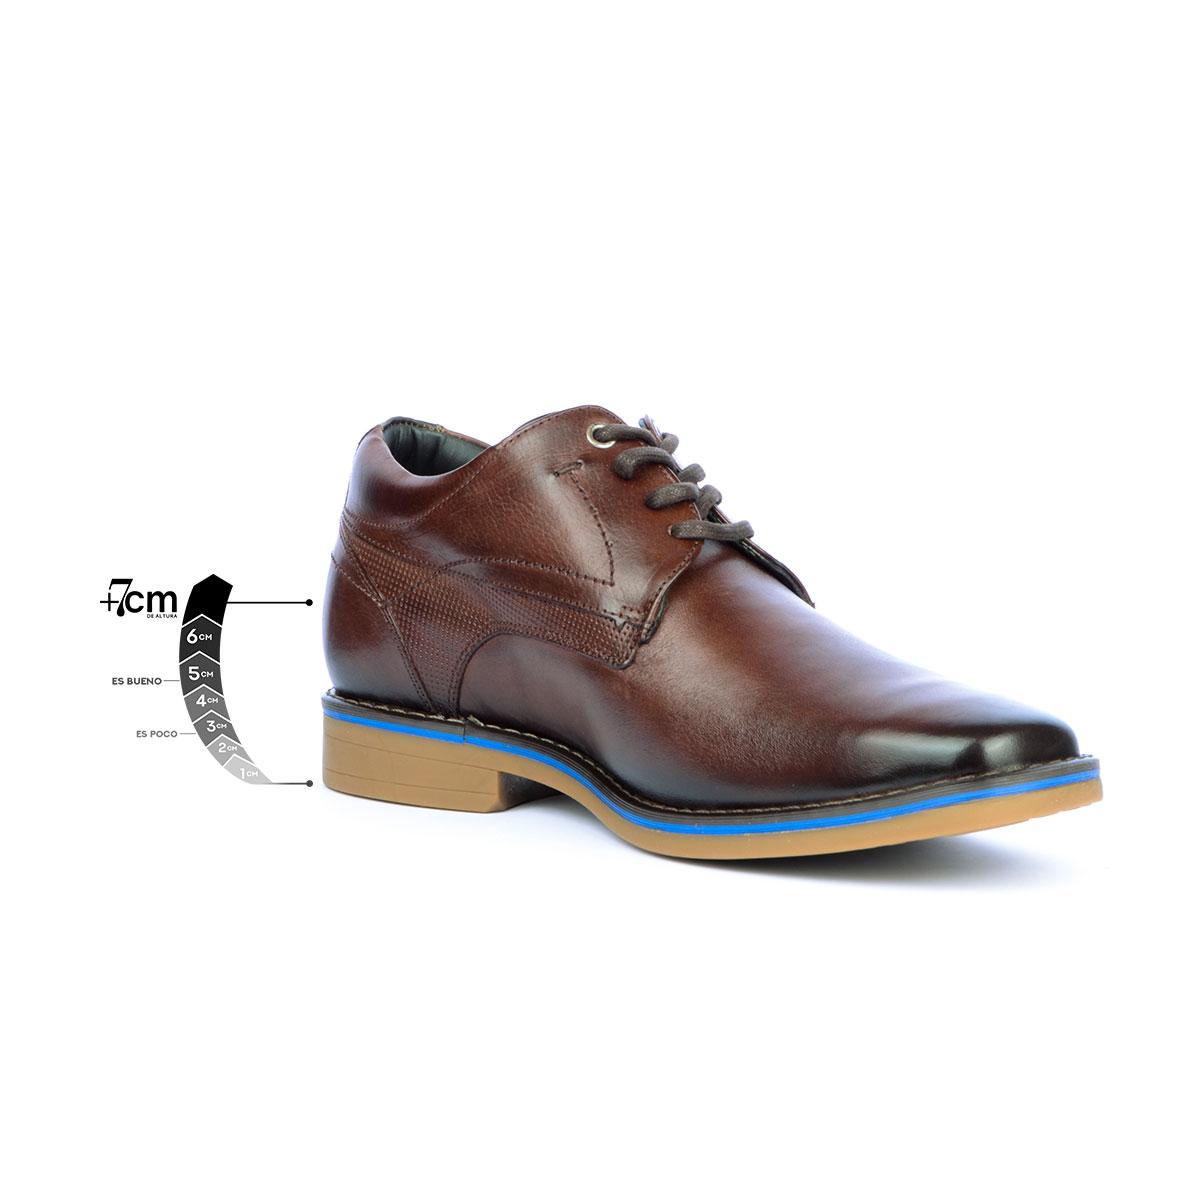 Zapato Casual Citizen café Max Denegri + 7cms de Altura _76386